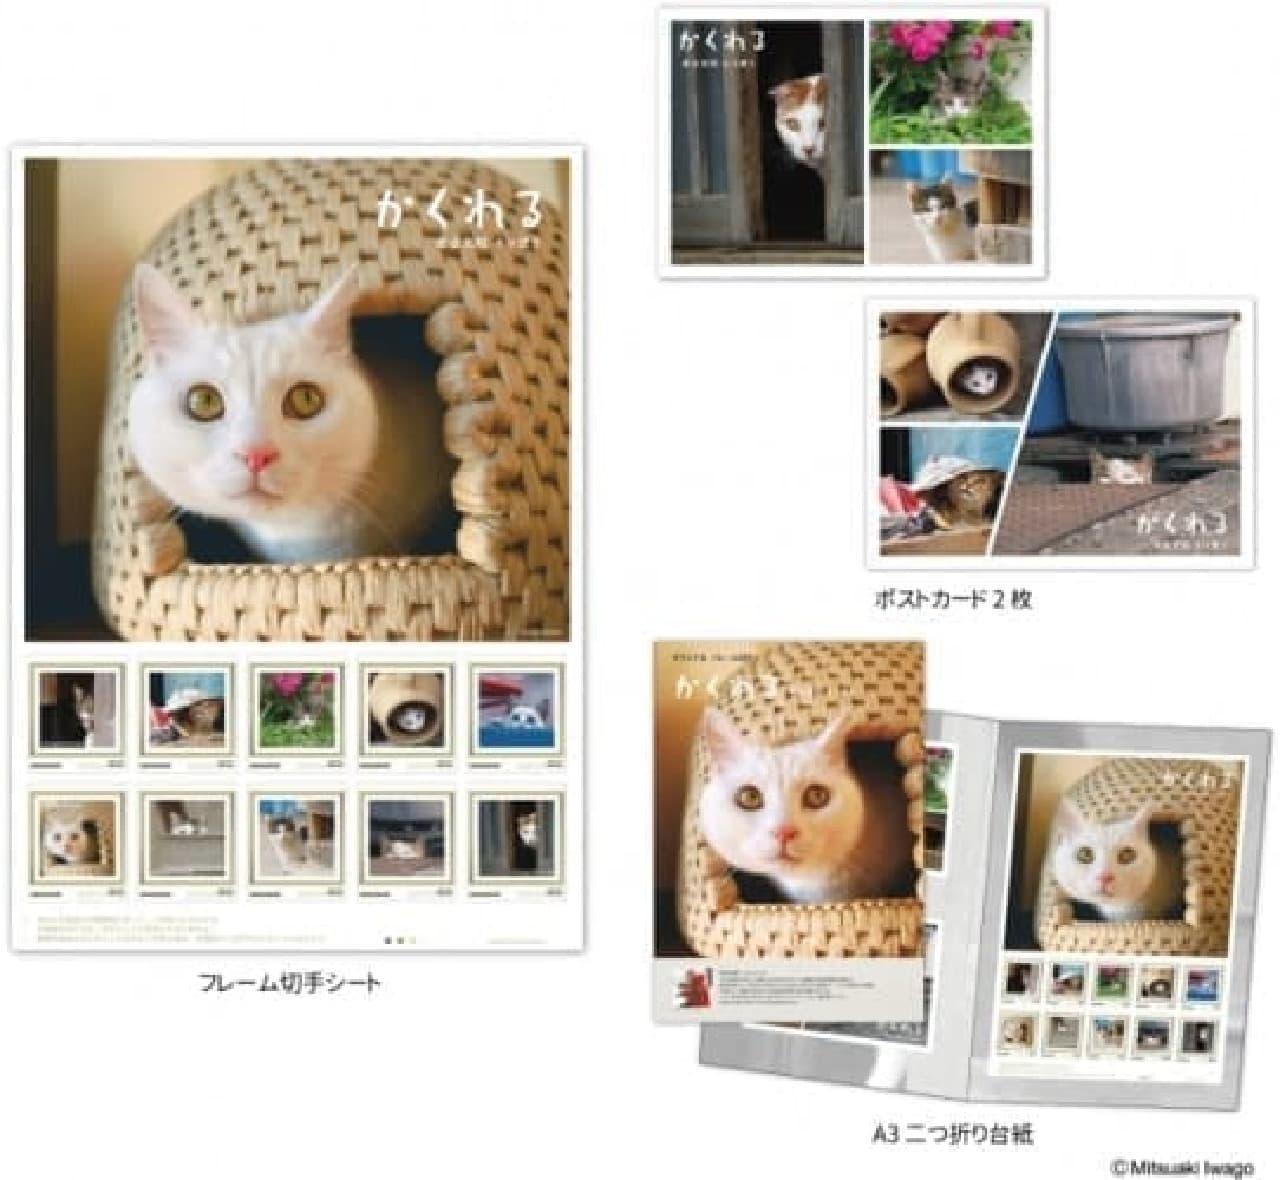 オリジナル フレーム切手セット「『かくれる』~岩合光昭 ネコ便り~」